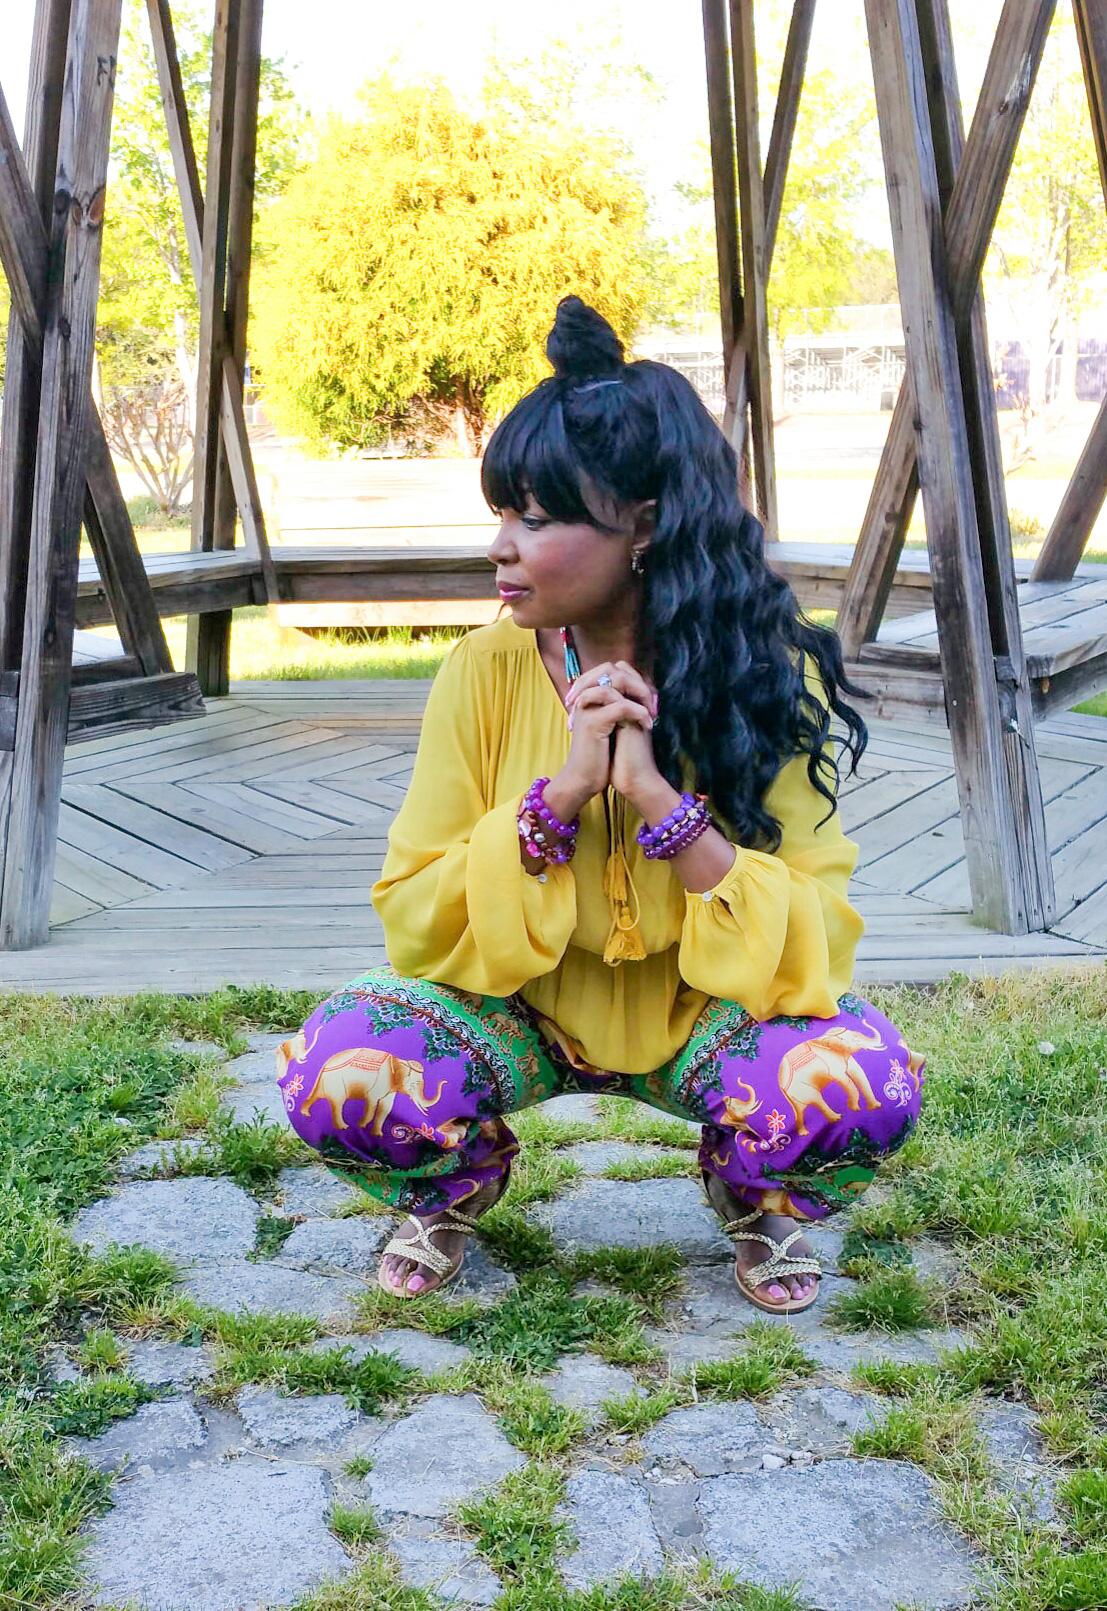 A-Fashion-Story-African-Safari-Four-LiWBF-2016-0753373766125706183